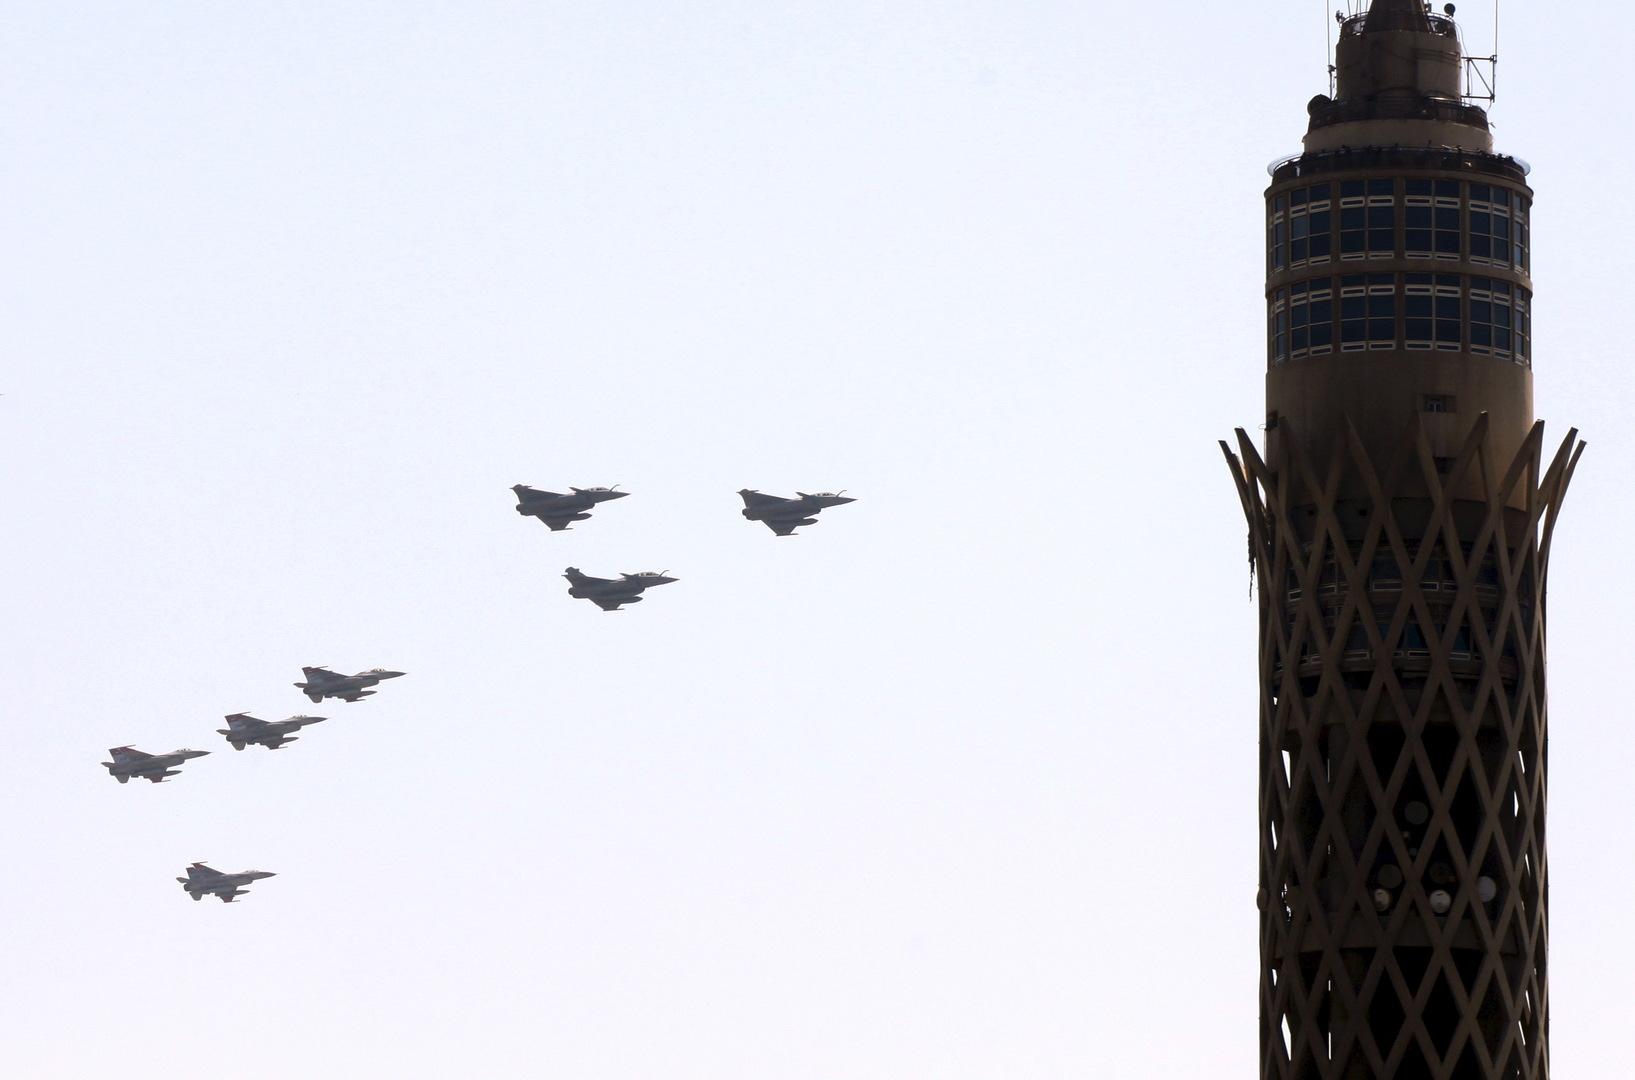 خبير أمني مصري: القاهرة بدأت تشكل جبهة مضادة لتحركات أنقرة